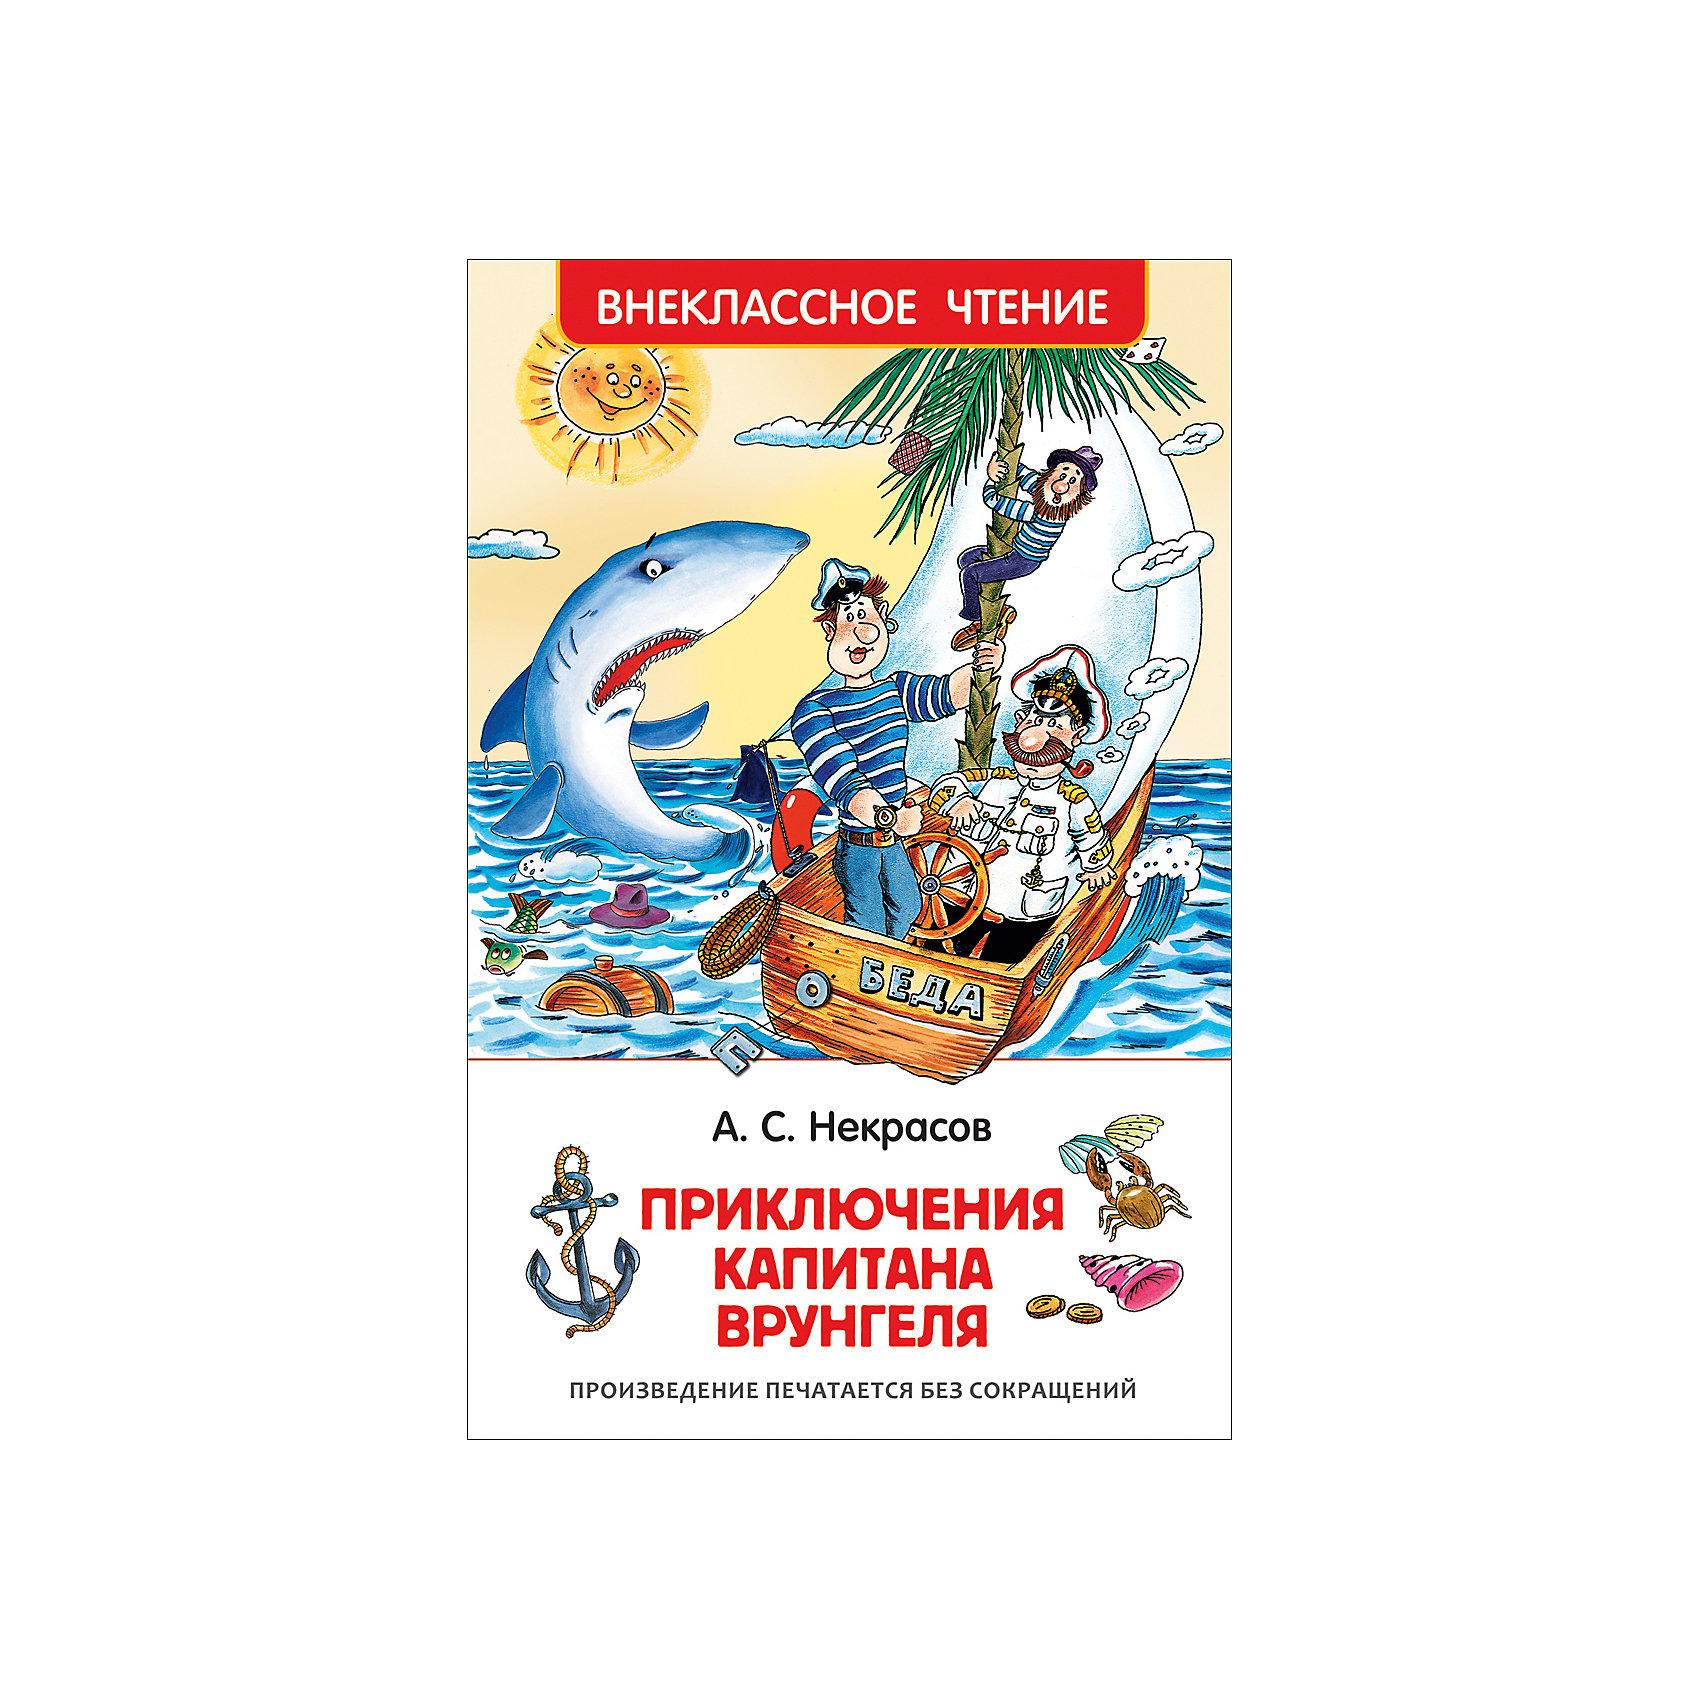 Приключения капитана Врунгеля, А.Н. Некрасов, Внеклассное чтениеКнига Приключения капитана Врунгеля, А. Н. Некрасов - это широко известная веселая повесть о приключениях капитана Врунгеля, его старшего помощника Лома и матроса Фукса, которые отправились в кругосветное путешествие на яхте Беда. По пути они то и дело попадают в<br>самые невероятные ситуации и уморительные переделки, но каждый раз выходят победителями. Тексты сопровождаются красочными цветными иллюстрациями. Книга предназначена для детей младшего школьного возраста.<br><br><br>Дополнительная информация:<br><br>- Автор: А. Н. Некрасов.<br>- Художник: А. Лукьянов.<br>- Серия: Внеклассное чтение.<br>- Обложка: твердая.<br>- Иллюстрации: цветные.<br>- Объем: 224 стр.<br>- Размер: 20,2 x 1,1 x 13,2 см.<br>- Вес: 0,25 кг.<br><br>Книгу Приключения капитана Врунгеля, А. Н. Некрасов, Росмэн, можно купить в нашем интернет-магазине.<br><br>Ширина мм: 202<br>Глубина мм: 132<br>Высота мм: 11<br>Вес г: 250<br>Возраст от месяцев: 84<br>Возраст до месяцев: 120<br>Пол: Унисекс<br>Возраст: Детский<br>SKU: 4712329